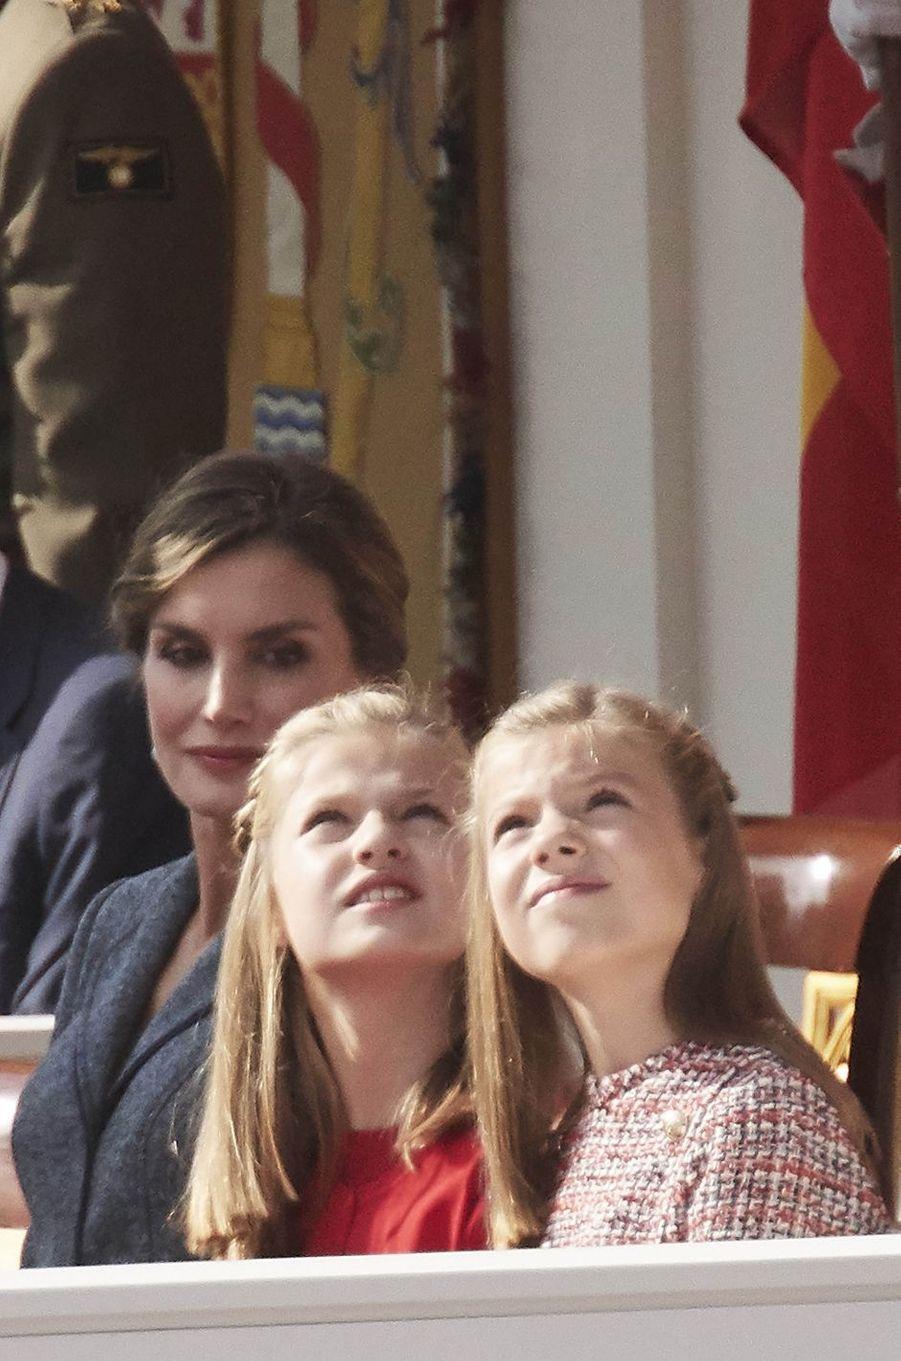 La reine Letizia d'Espagne et ses filles les princesses Leonor et Sofia à Madrid, le 12 octobre 2017